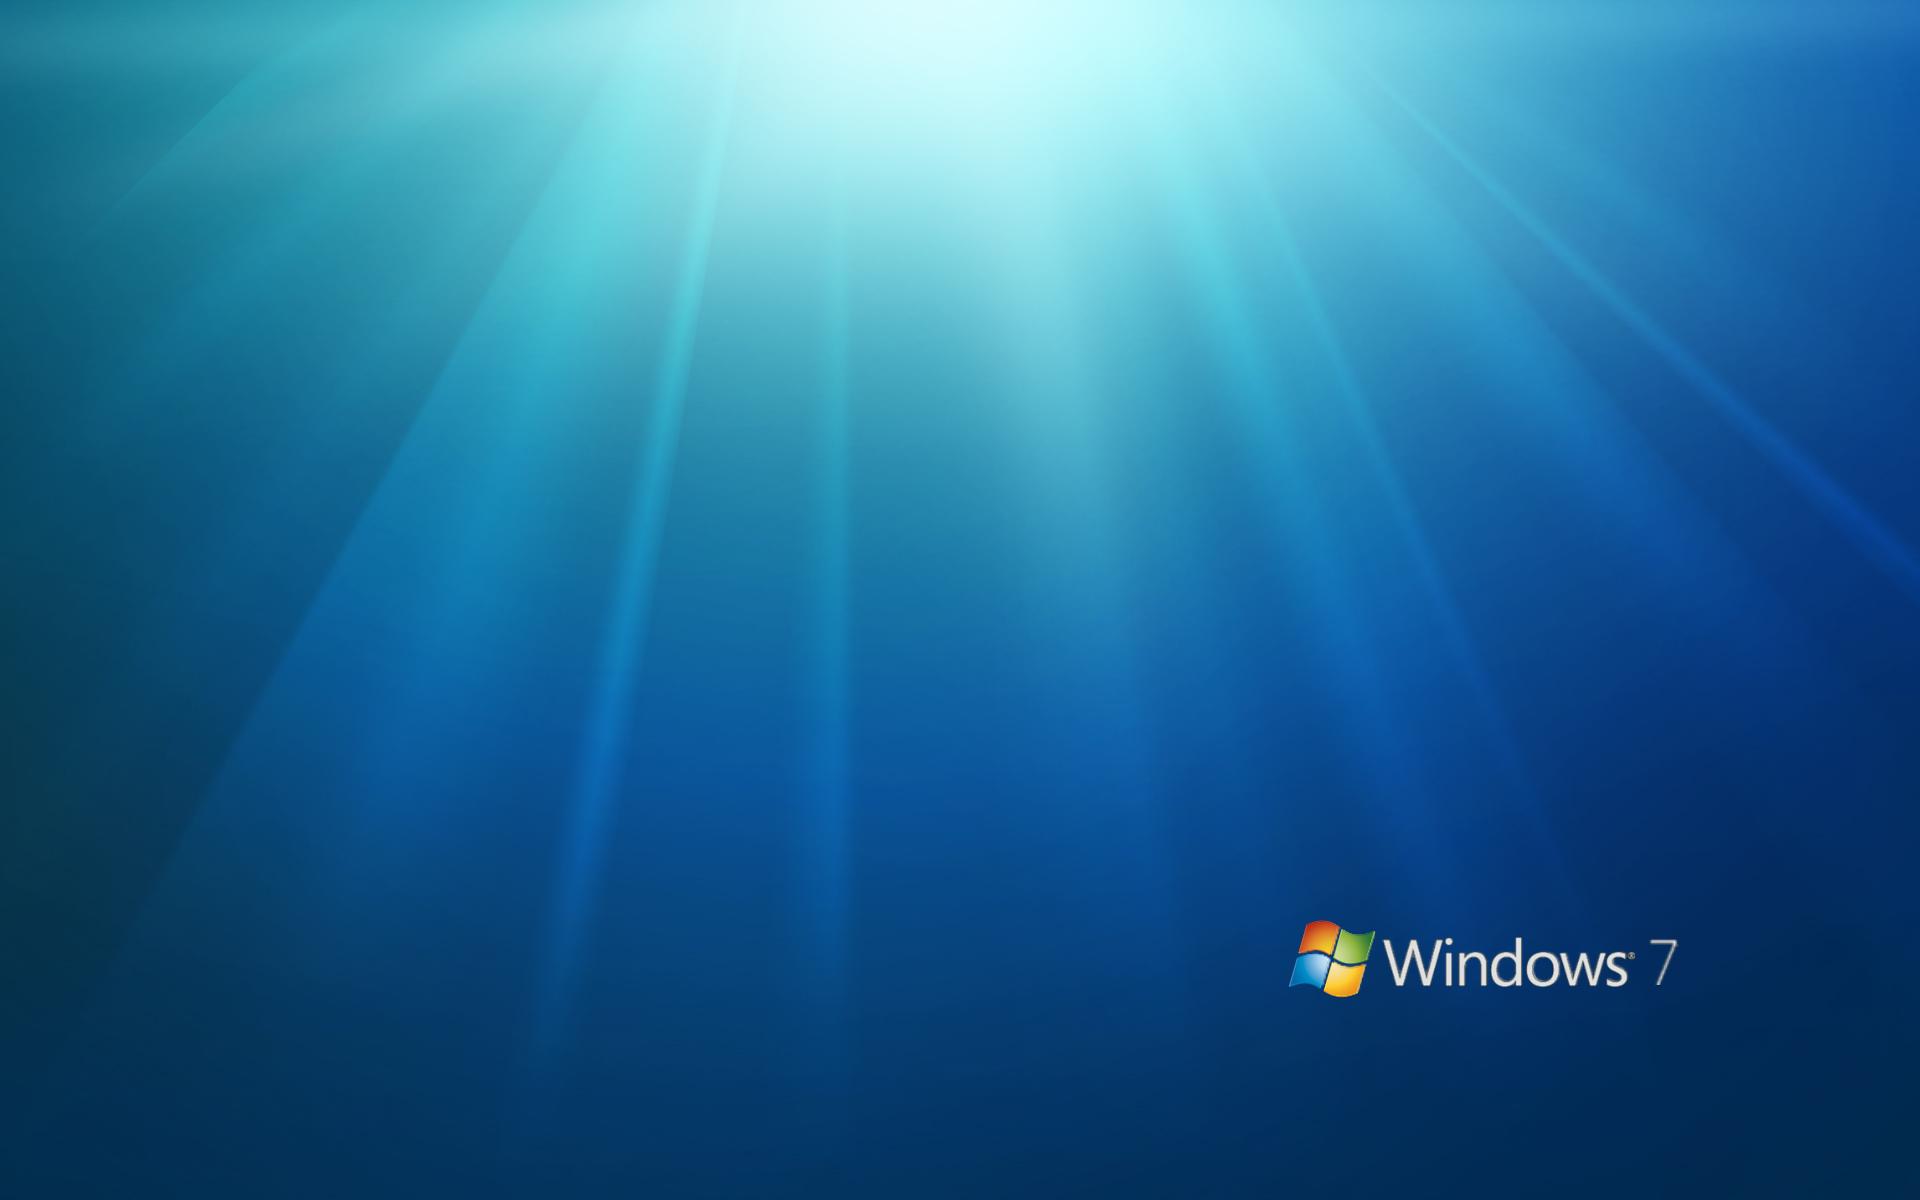 Windows 7 Ultimate Wallpaper Widescreen - WallpaperSafari